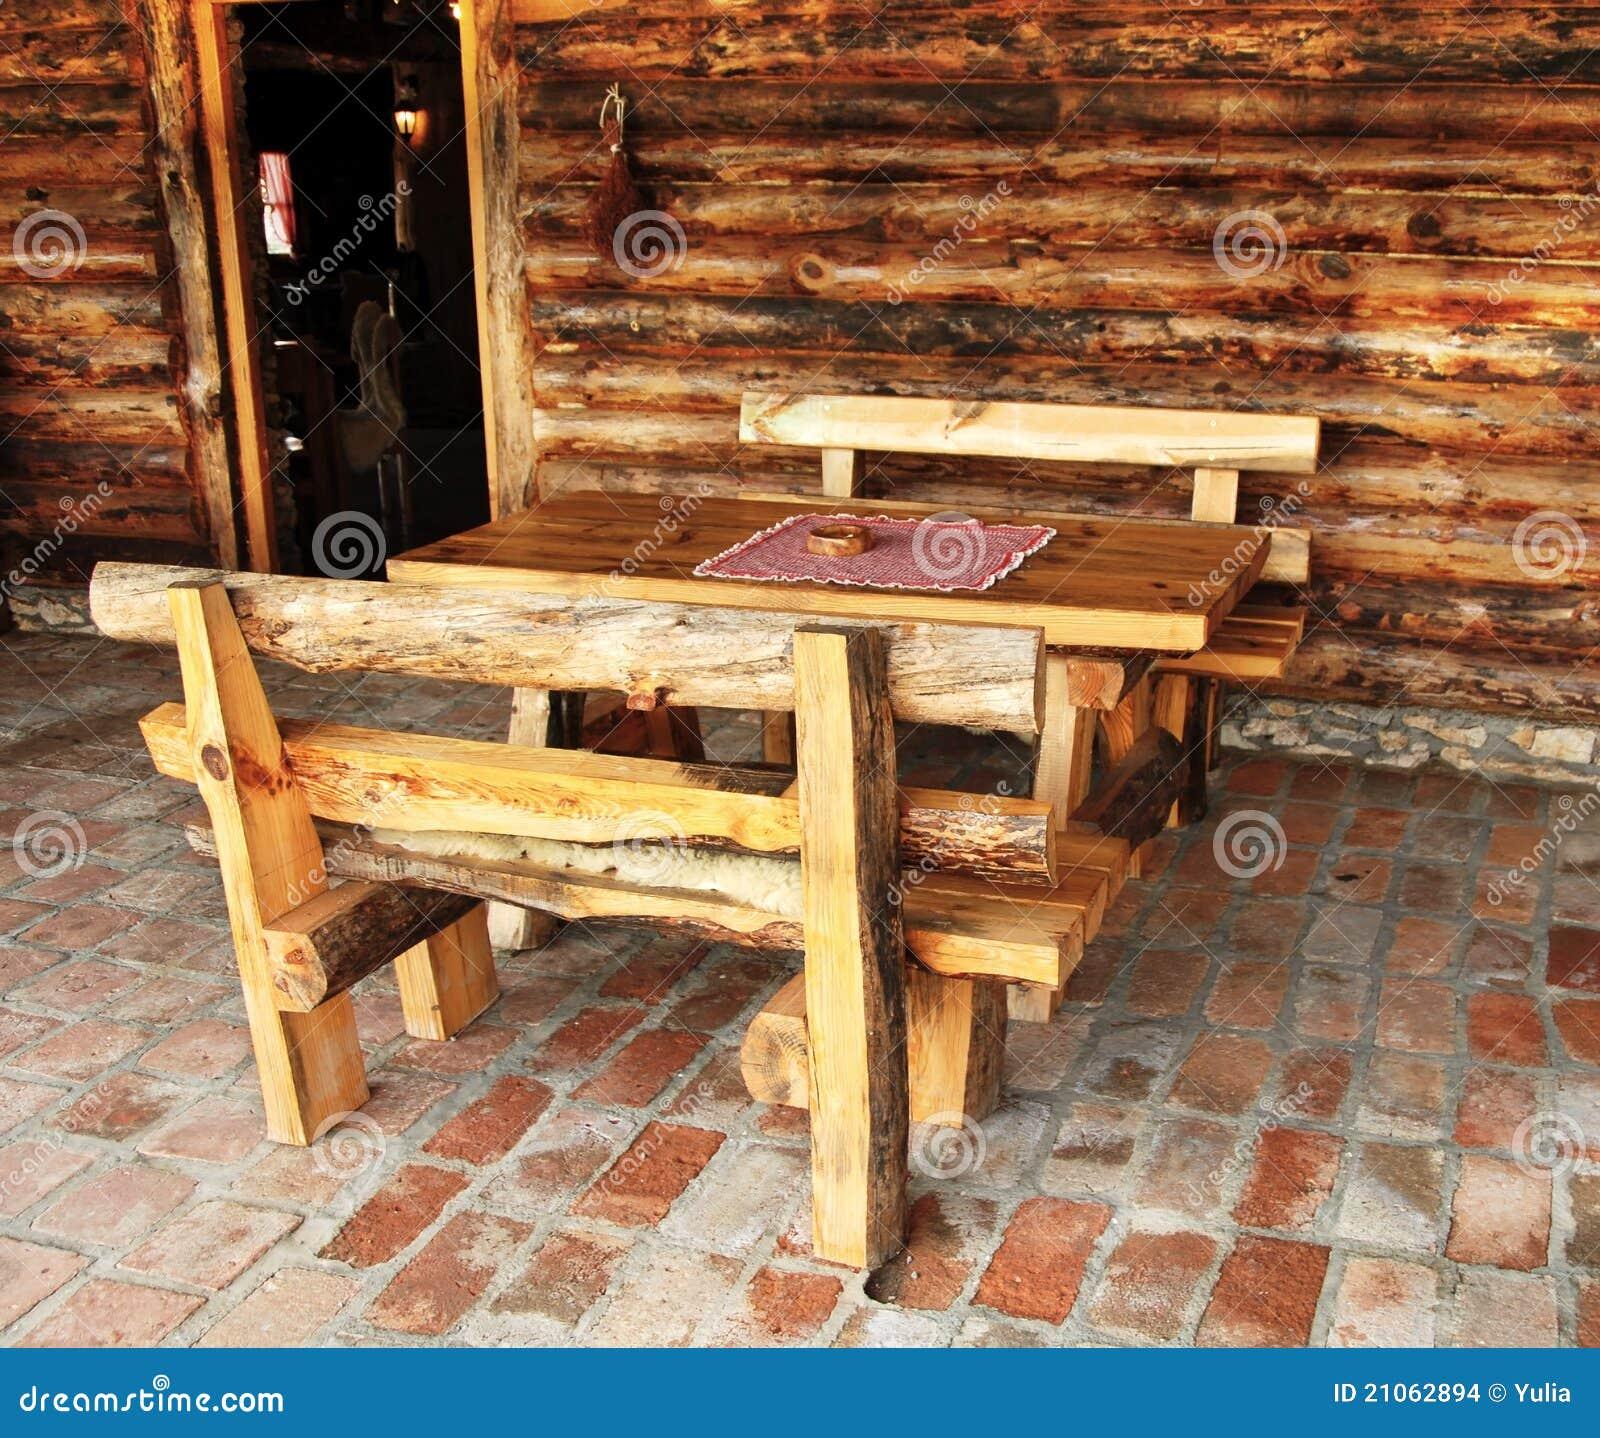 meubles rustiques photo stock image du maison trappe 21062894. Black Bedroom Furniture Sets. Home Design Ideas